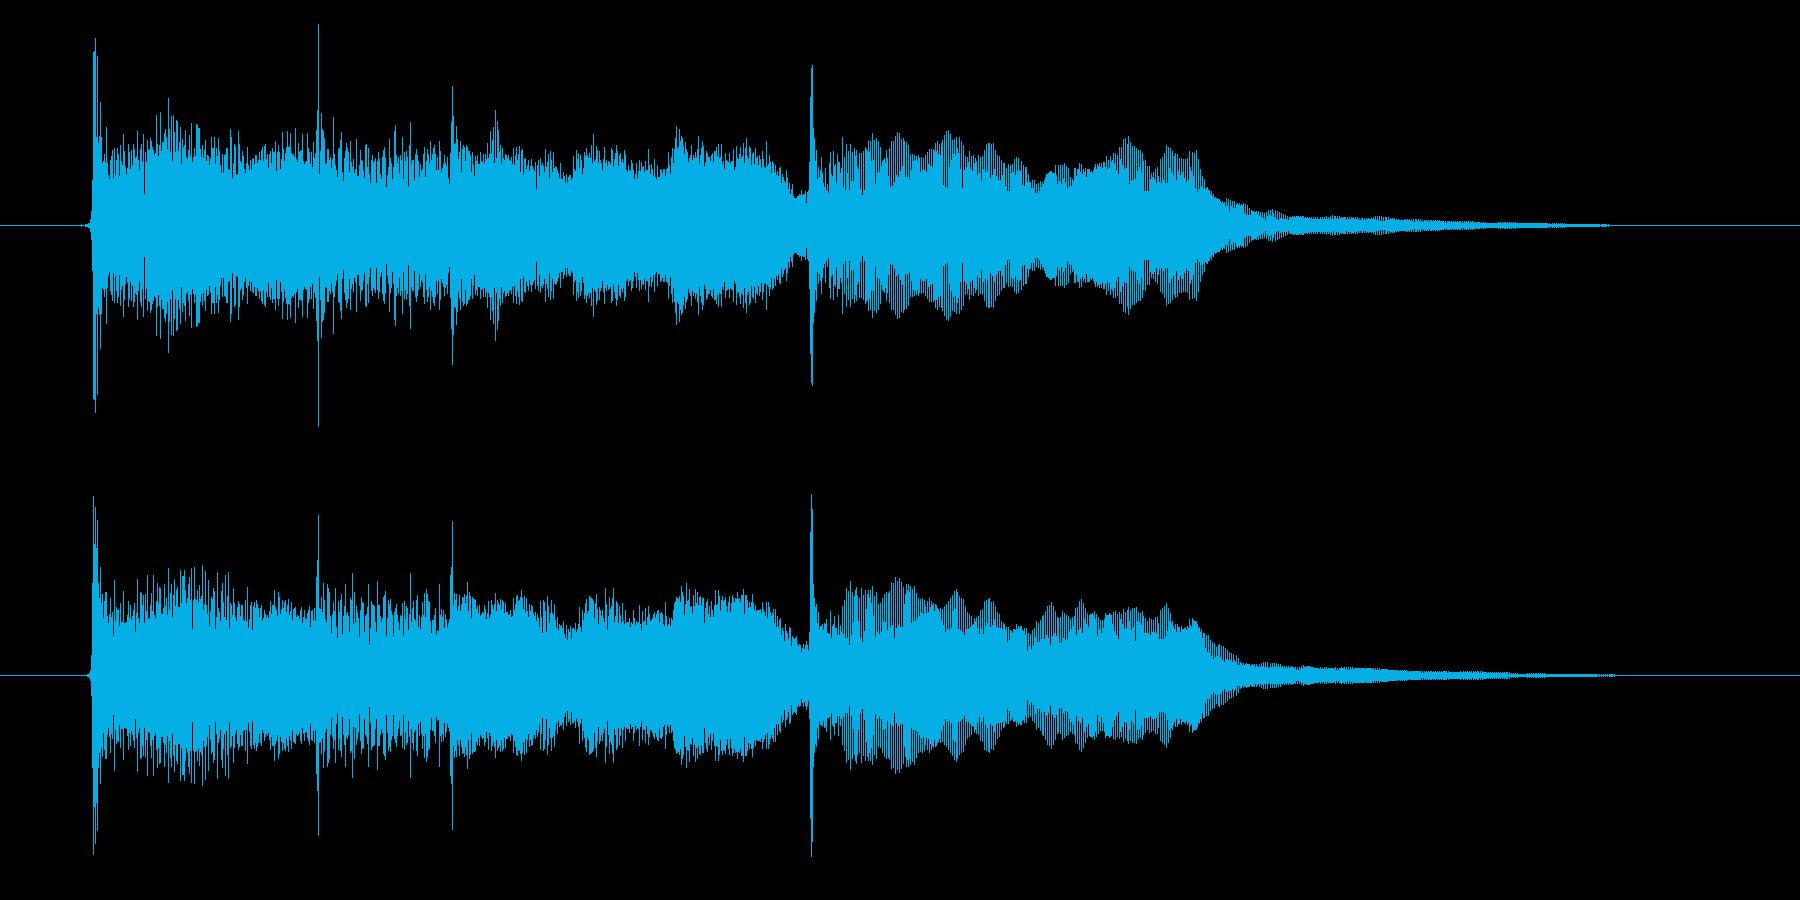 優しい音色のエレピによるポップなジングルの再生済みの波形